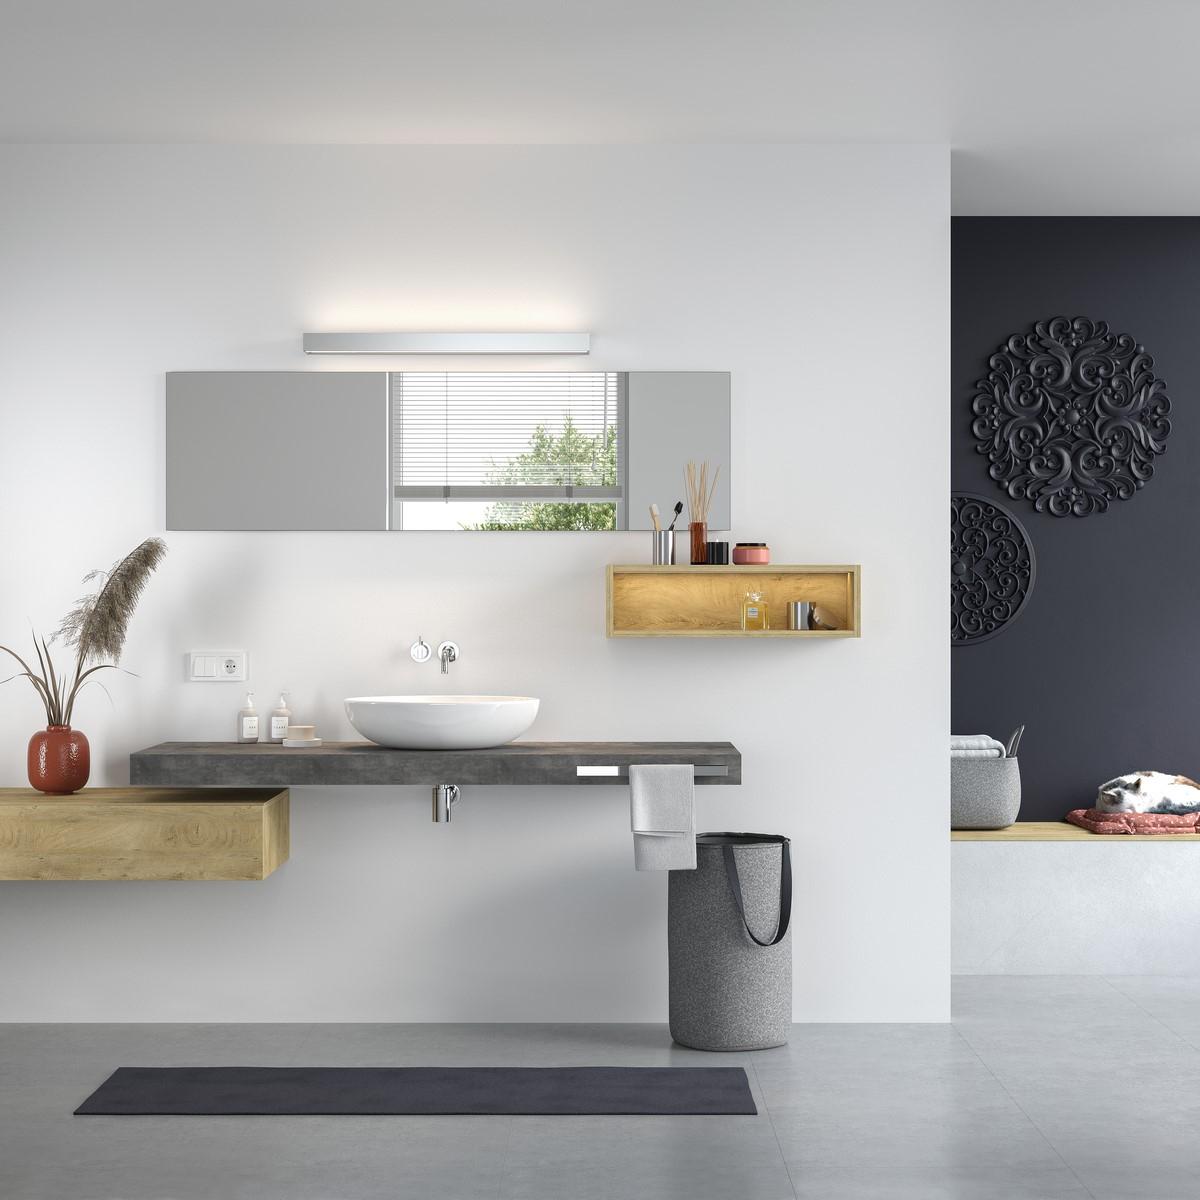 waschtischkonsole 8 cm in betondekor nach ma. Black Bedroom Furniture Sets. Home Design Ideas